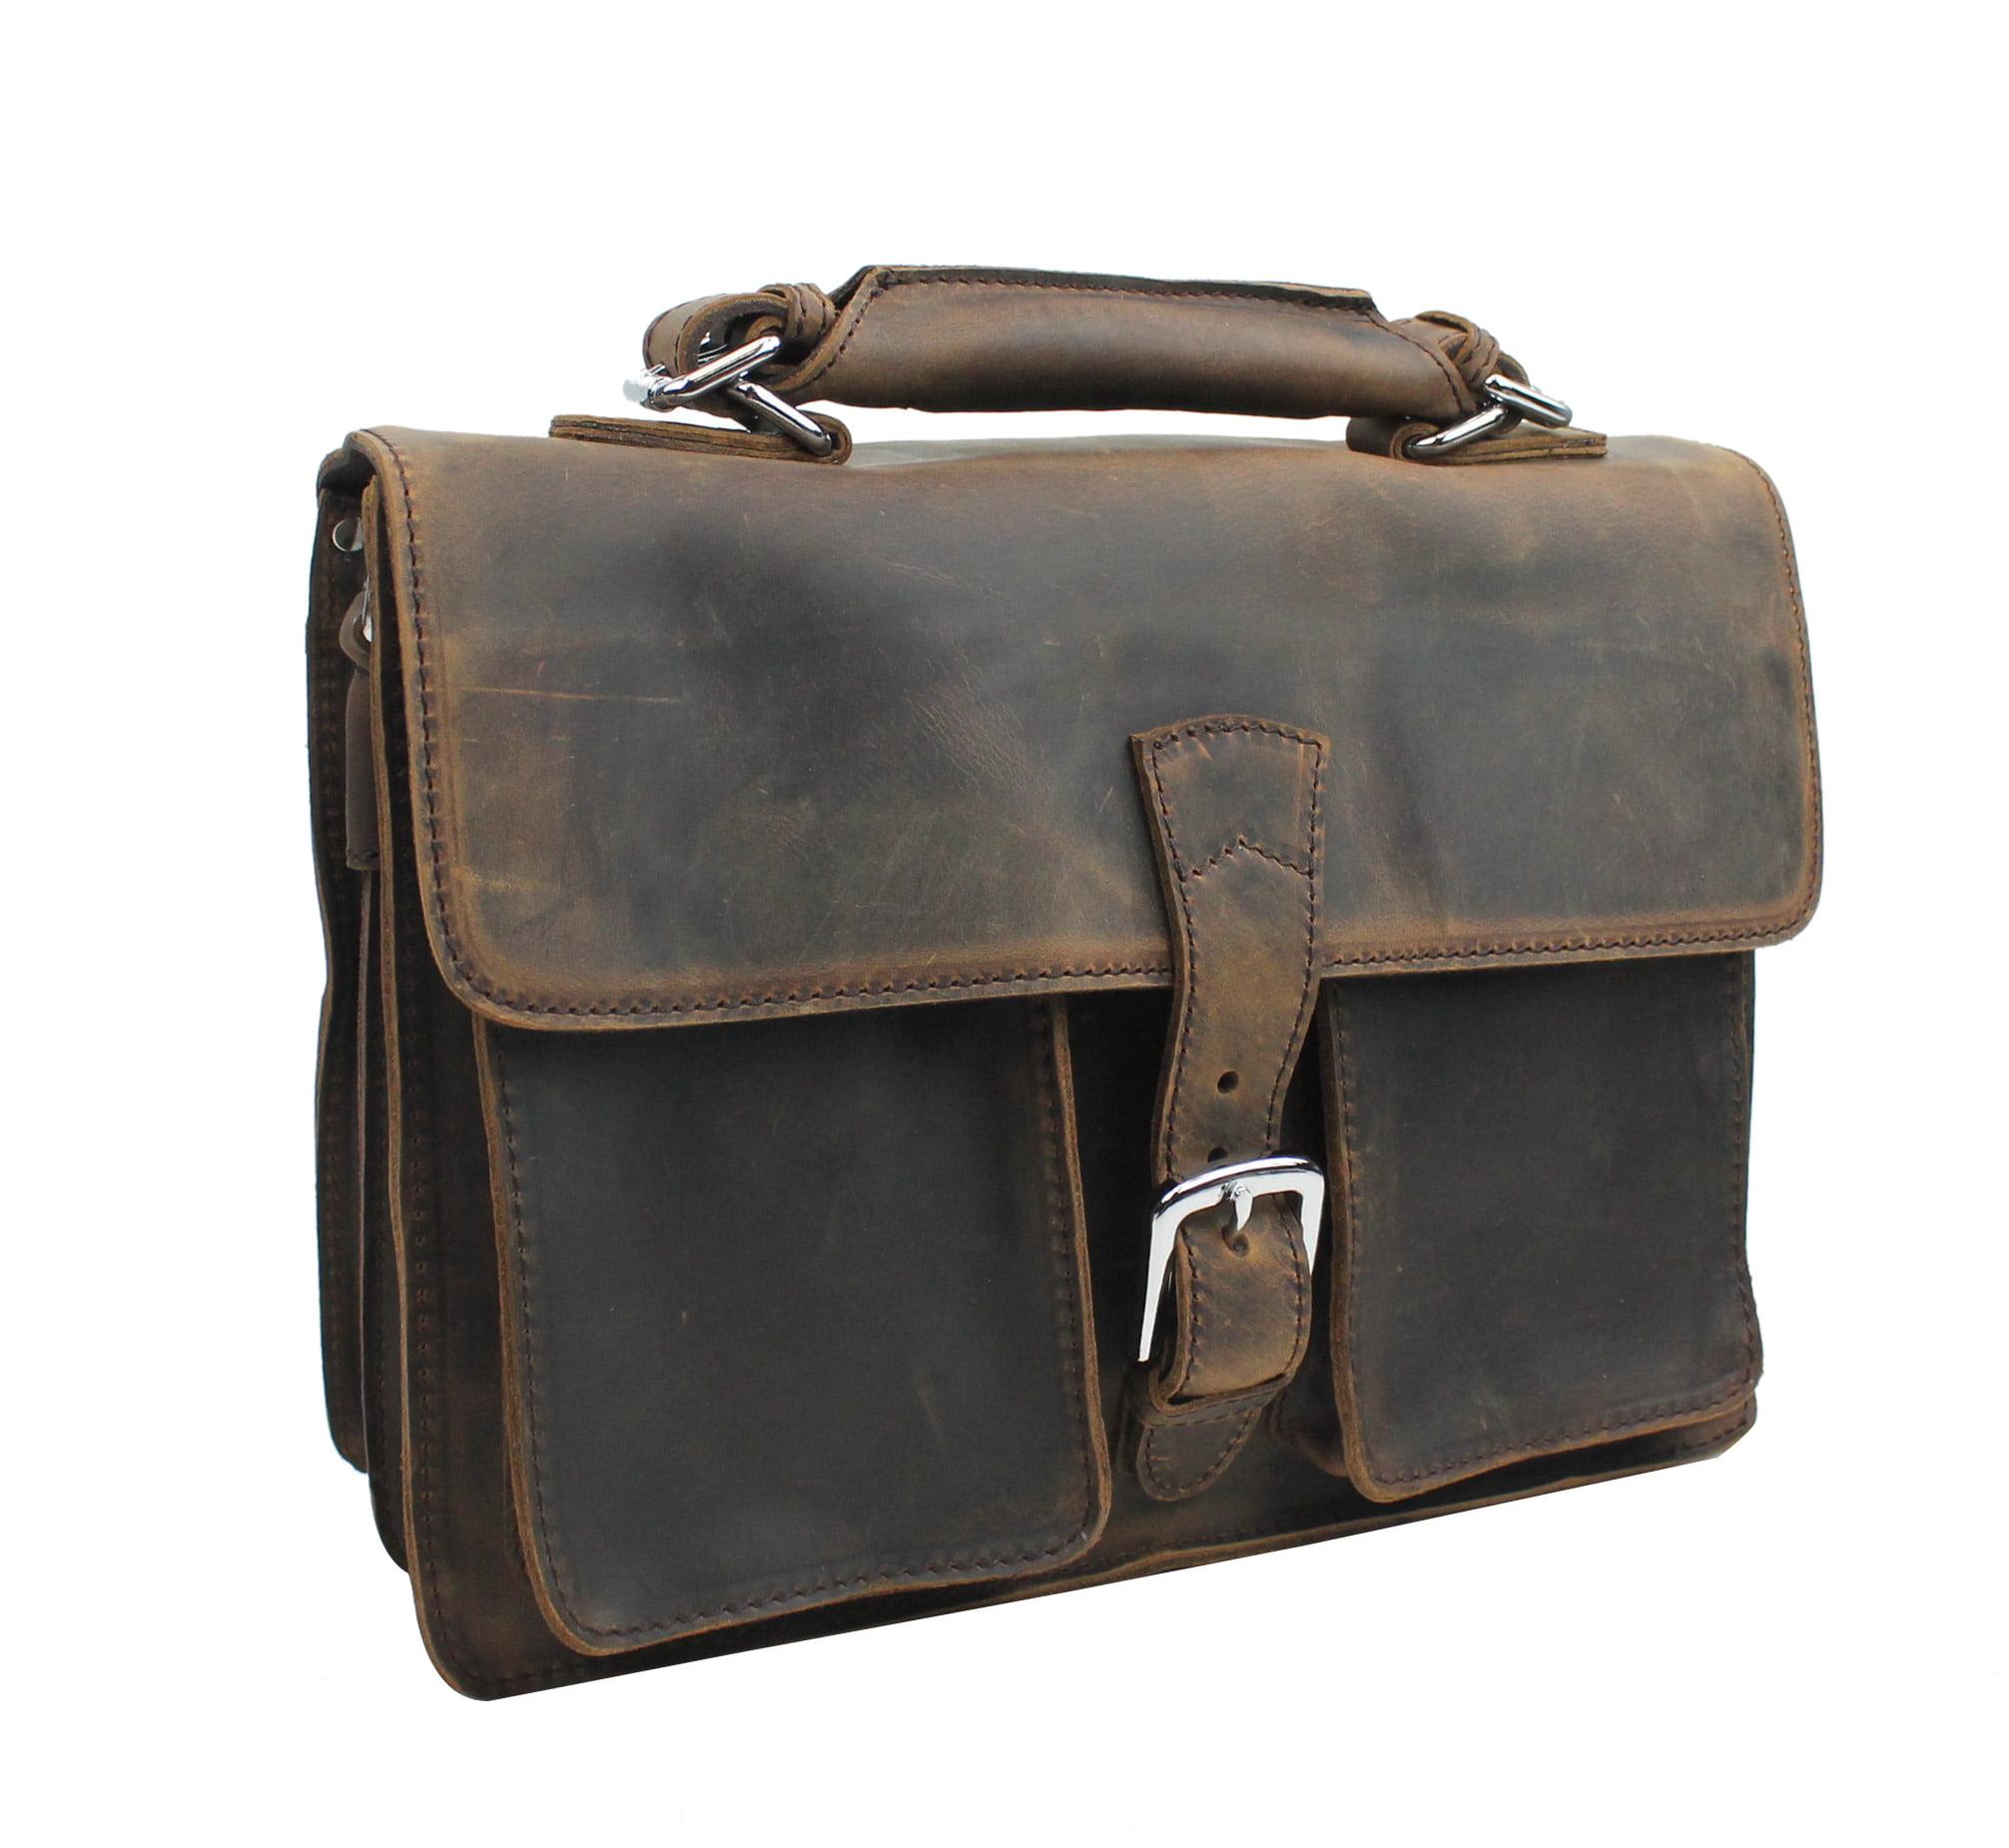 144e2cd466e1 Vagabond Traveler - Vagabond Traveler Medium Leather Briefcase L39 ...